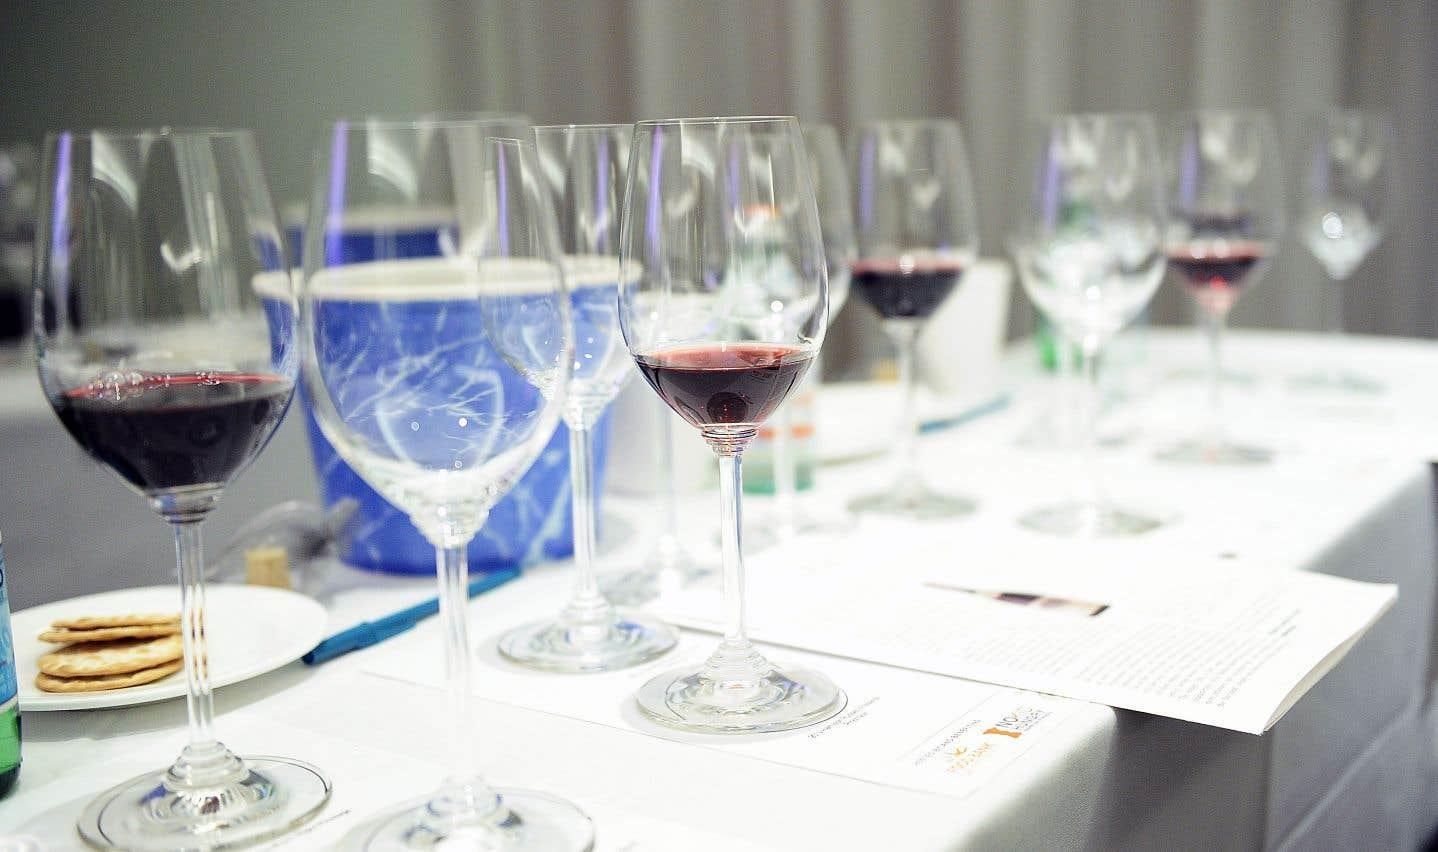 À chaque vin son verre et à chaque verre son vin